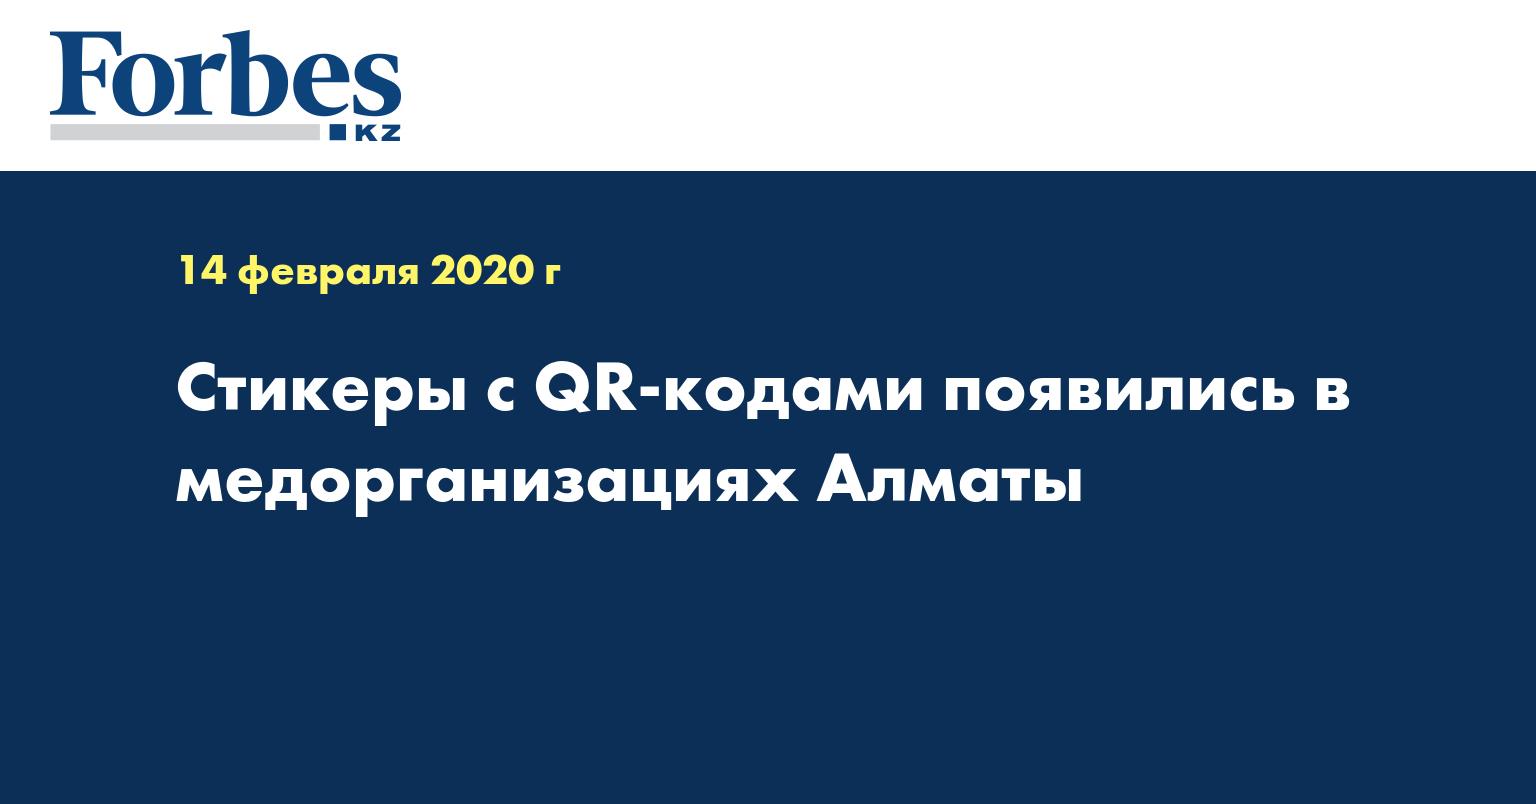 Стикеры с QR-кодами появились в медорганизациях Алматы